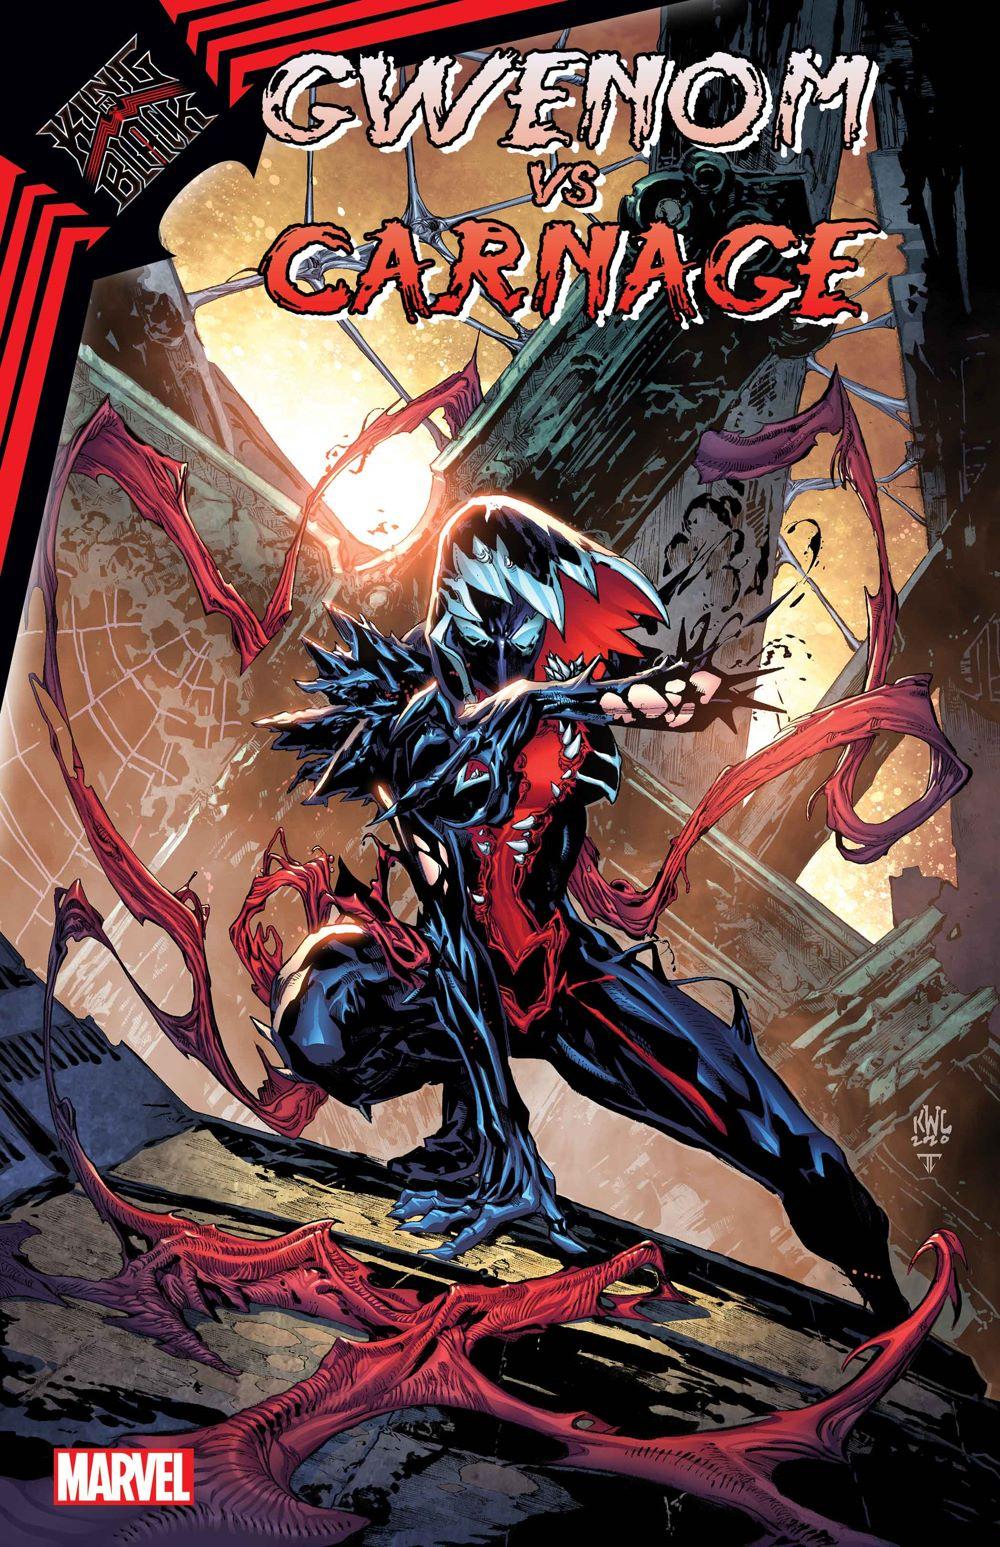 GWENOMVSCARN2020001_cov-3 Symbiotes will spar in KING IN BLACK: GWENOM VS CARNAGE